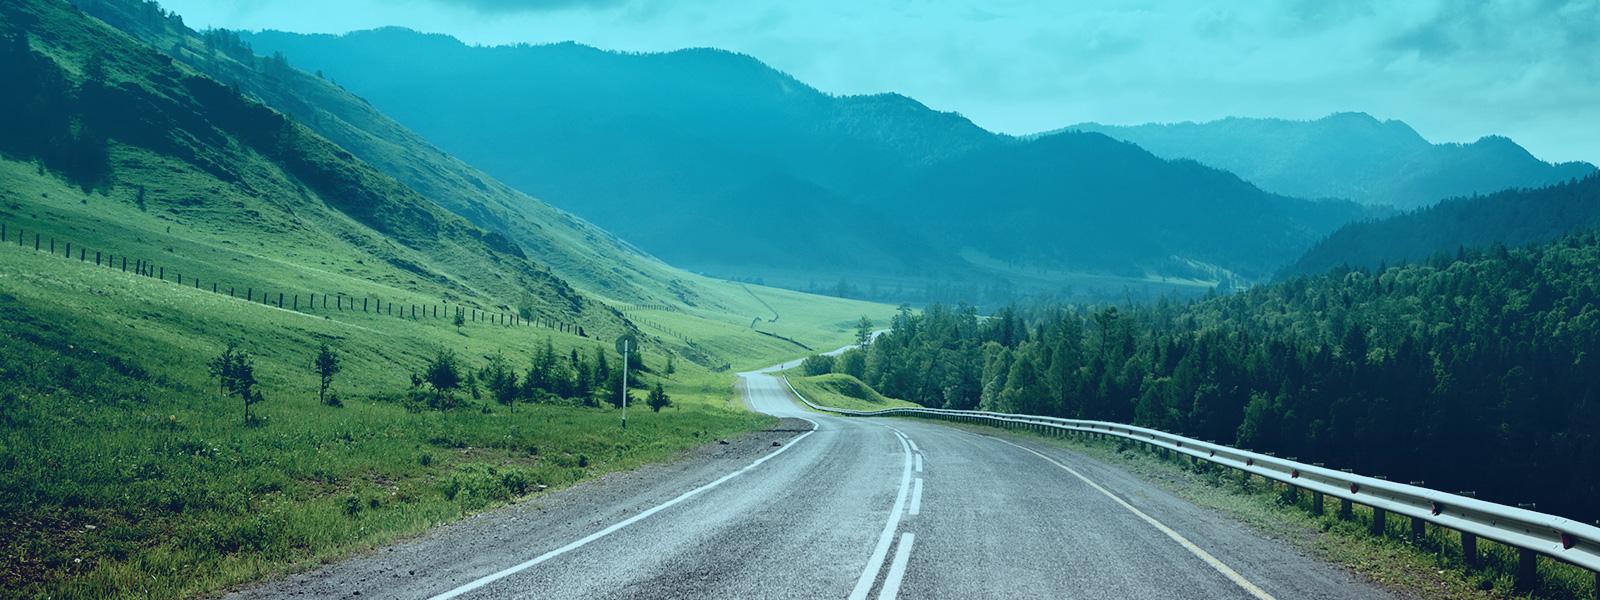 cinco-medidas-dirigir-estrada-primeira-vez-blog-ceabs